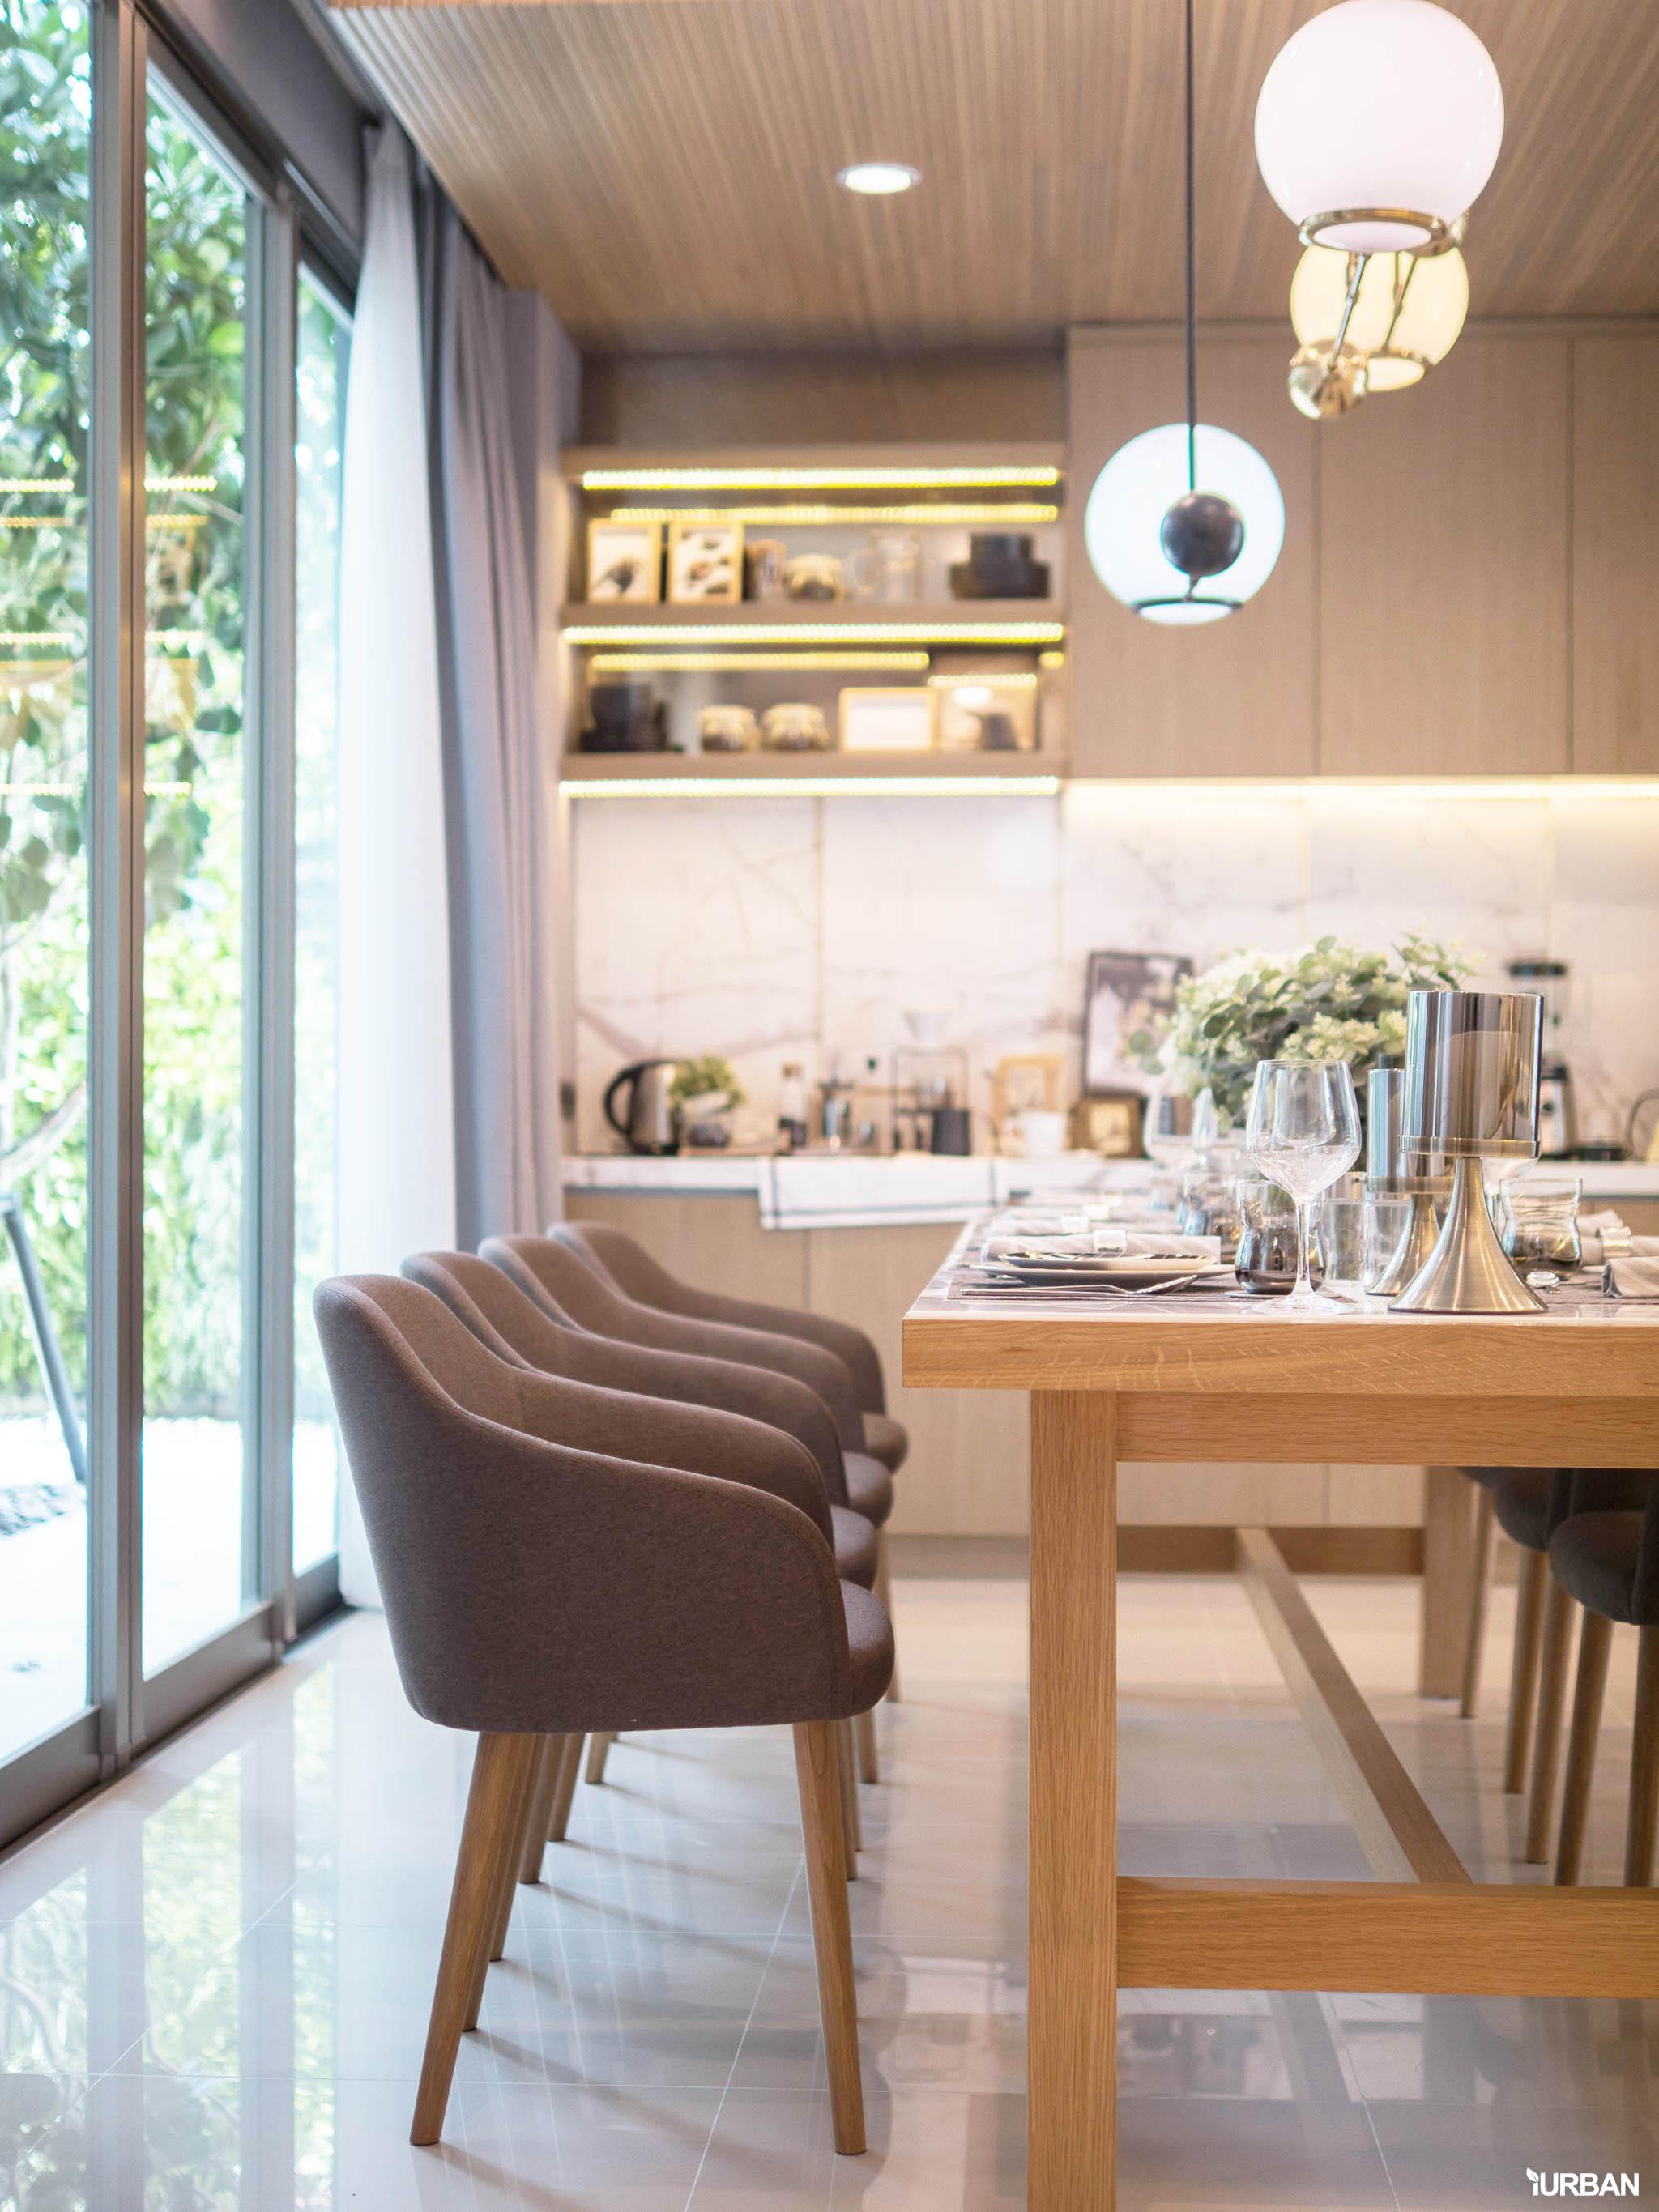 รีวิว Nirvana BEYOND Udonthani บ้านเดี่ยว 3 ชั้น ดีไซน์บิดสุดโมเดิร์น บนที่ดินสุดท้ายหน้าหนองประจักษ์ 40 - Luxury